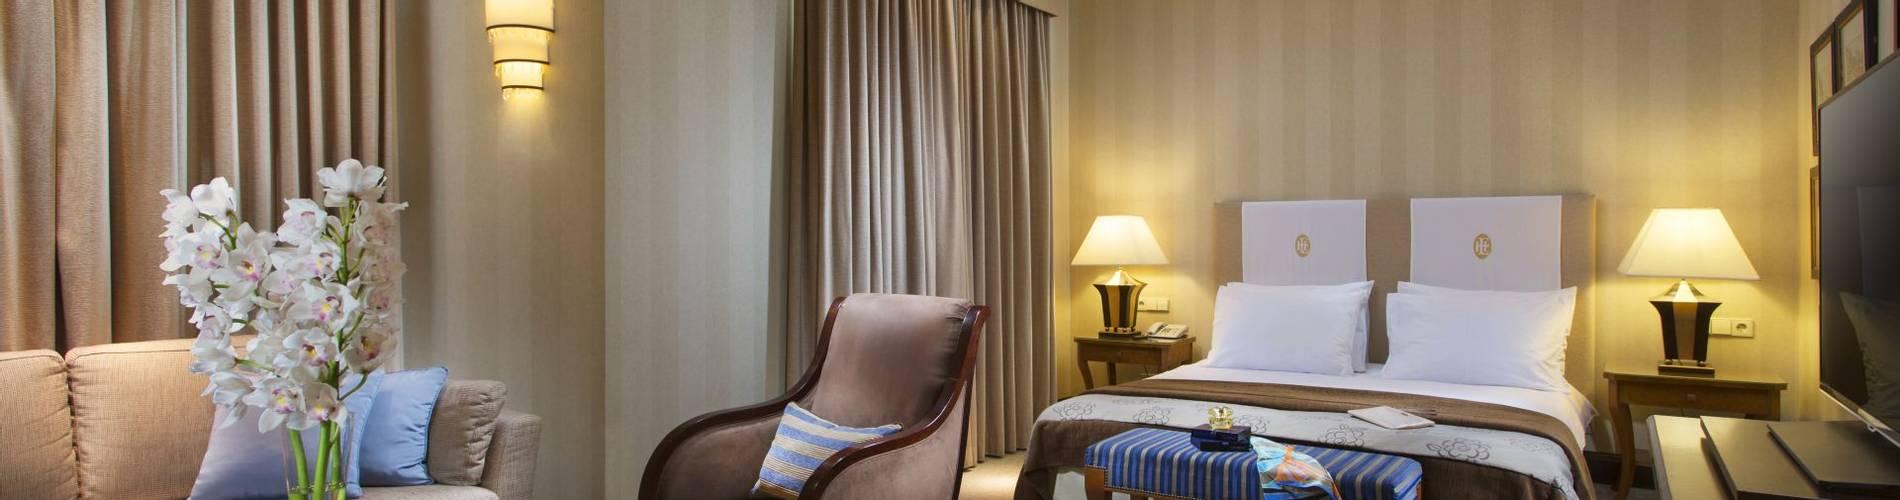 Esplanade Zagreb Hotel - Deluxe Room.jpg